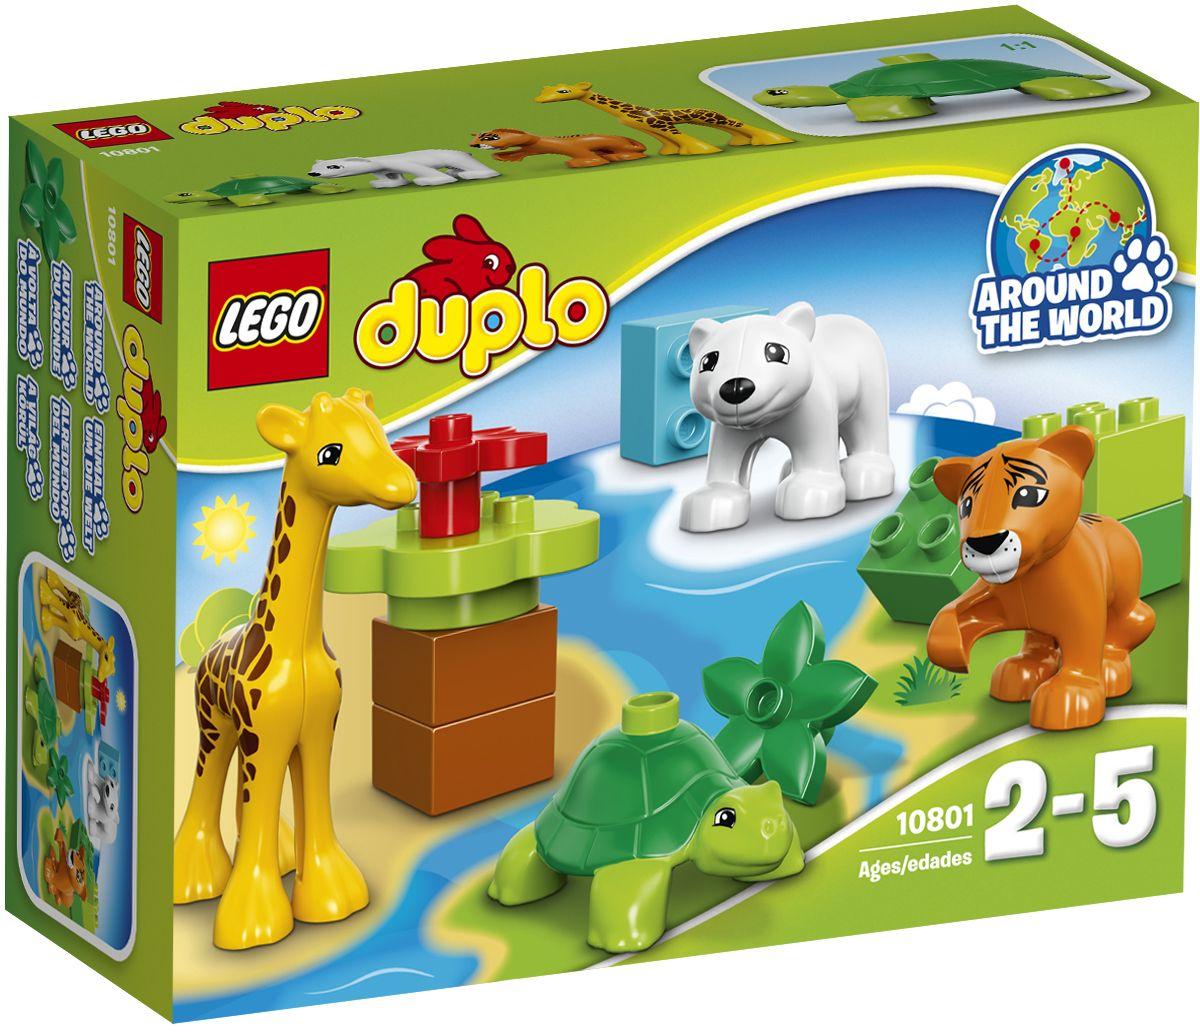 LEGO DUPLO Конструктор Вокруг света Малыши 1080110801Конструктор LEGO DUPLO Вокруг света: Малыши приведет в восторг любого ребенка, ведь все дети обожают знаменитые конструкторы Lego. Конструктор содержит 13 пластиковых элементов. Эти милые зверюшки из набора Вокруг света: Малыши идеально подходят маленьким любителям животных для раннего развития навыков ролевых игр. Дети заботятся о своих новых друзьях, говорят о том, как называются детеныши разных животных, и где они живут в дикой природе. Этот набор предлагает огромные возможности для обучения и игры с тигрёнком, детёнышем жирафа, полярным медвежонком и детёнышем черепахи. С яркими цветными кубиками Lego Duplo, разработанными специально для начинающих строителей, так легко собрать свою историю. Все элементы набора выполнены из безопасного пластика и имеют увеличенные размеры, специально для маленьких детских пальчиков. Игры с конструкторами помогут ребенку развить воображение, внимательность, пространственное мышление и творческие способности....